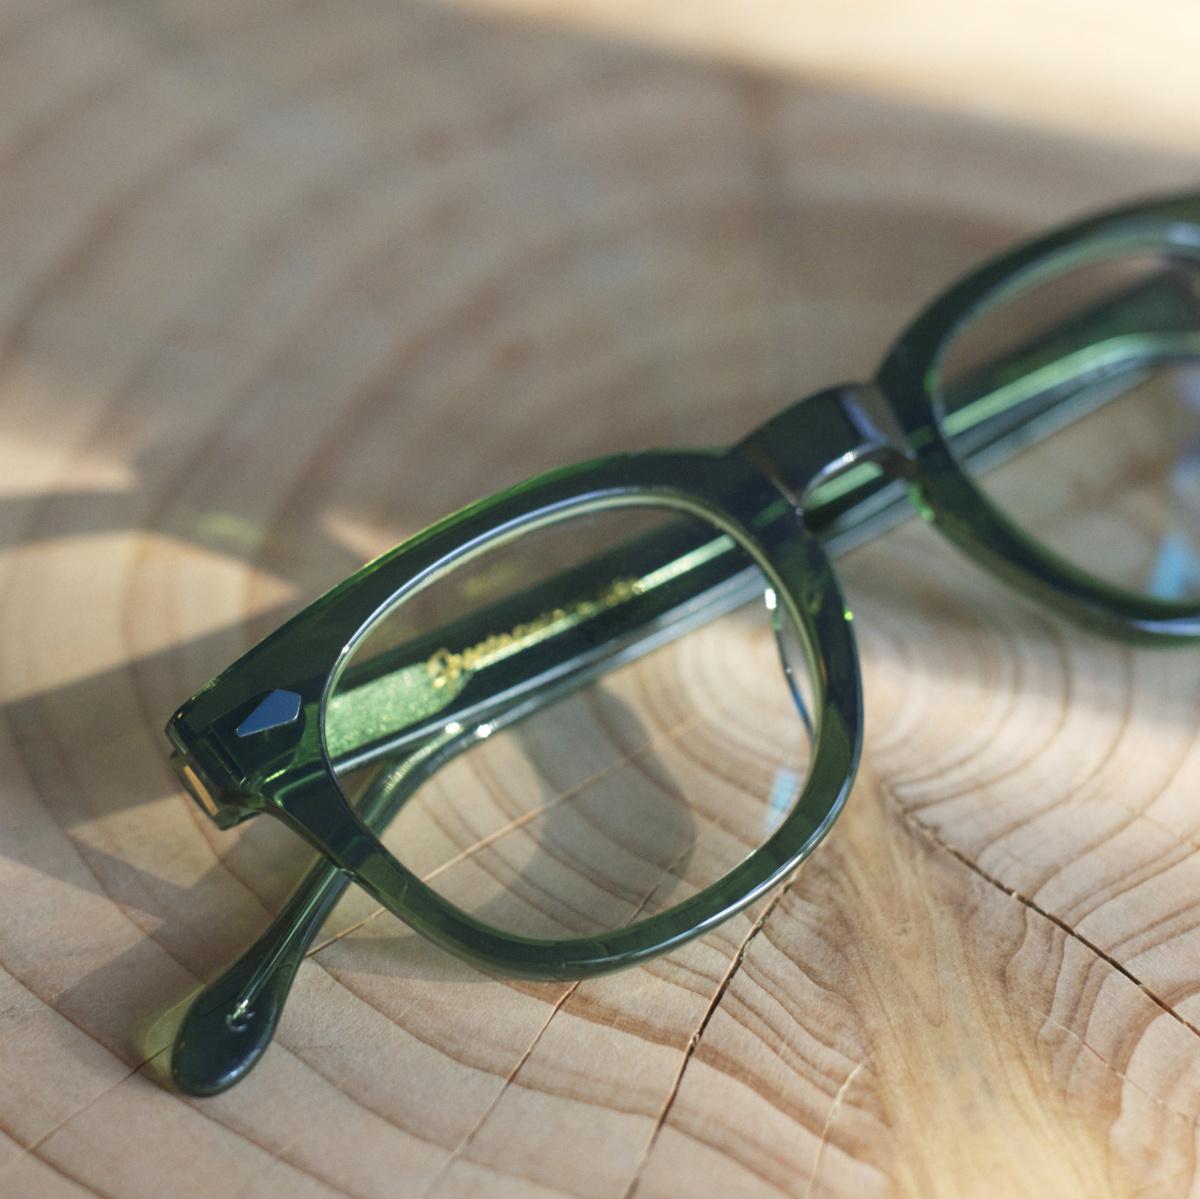 スペクタクラーズ――ヴィンテージを彷彿させる、精巧なカラーセル眼鏡。